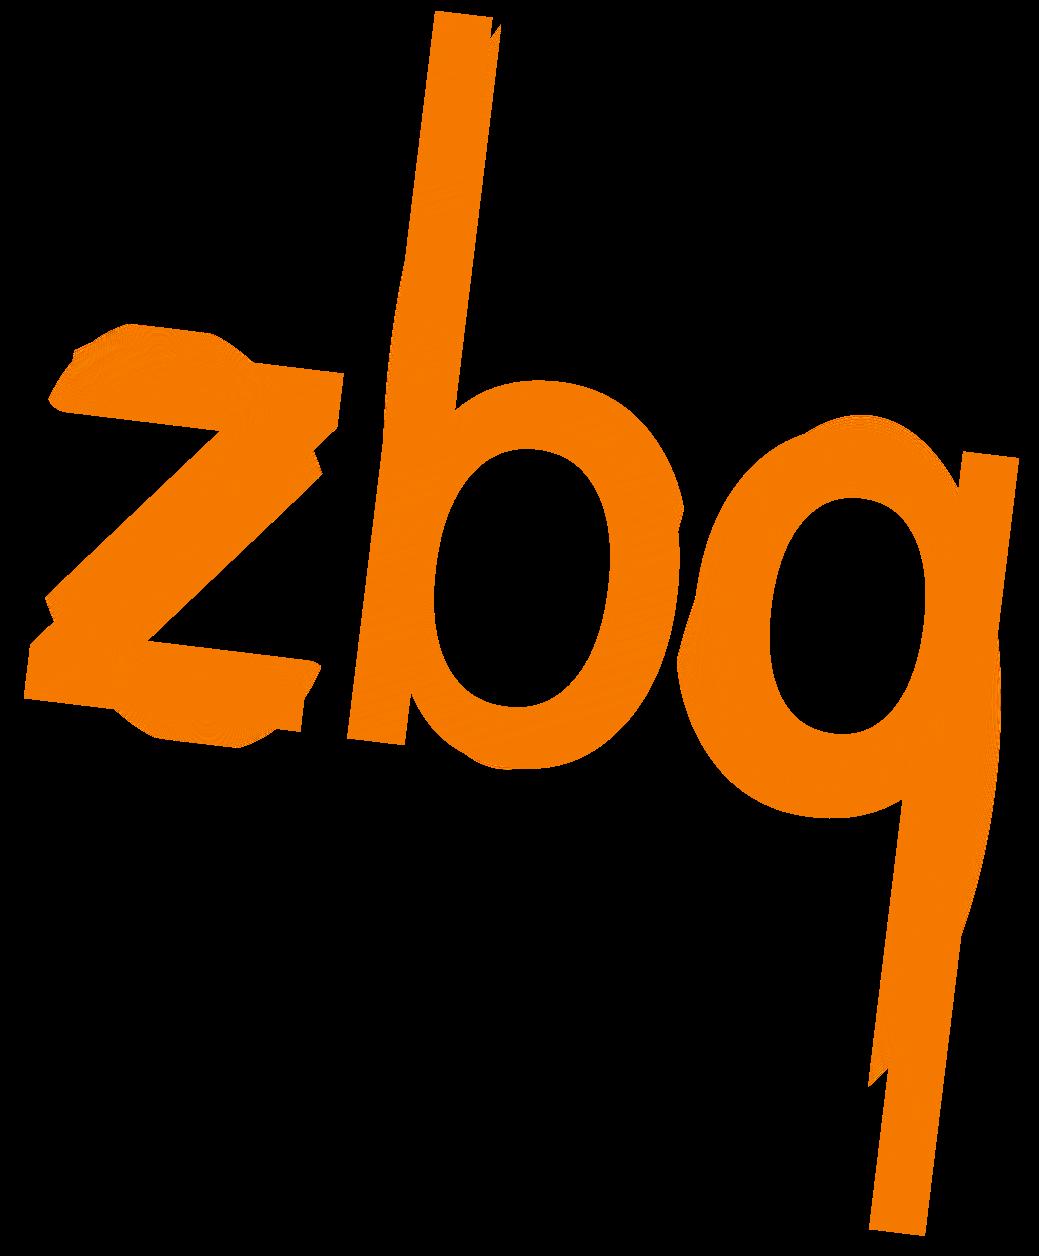 zbqlab.info